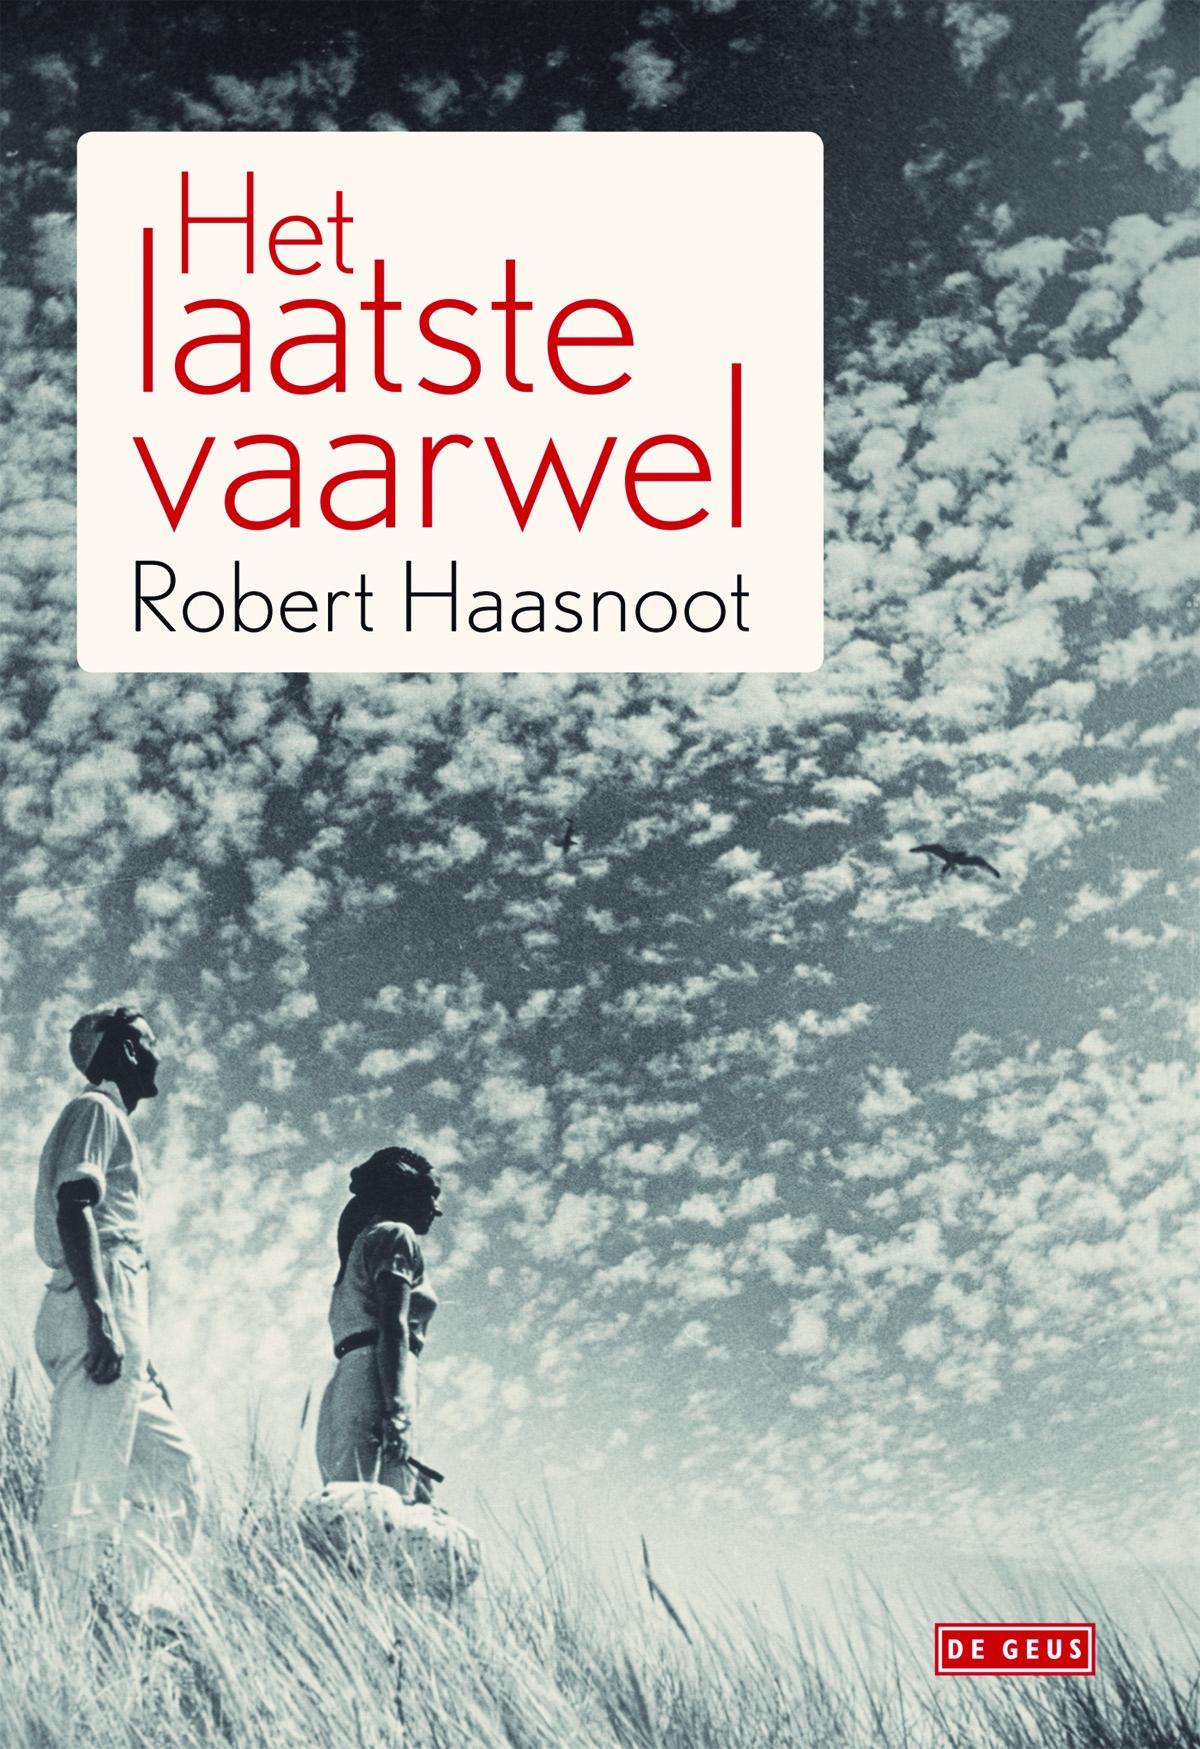 Het laatste vaarwel – Robert Haasnoot